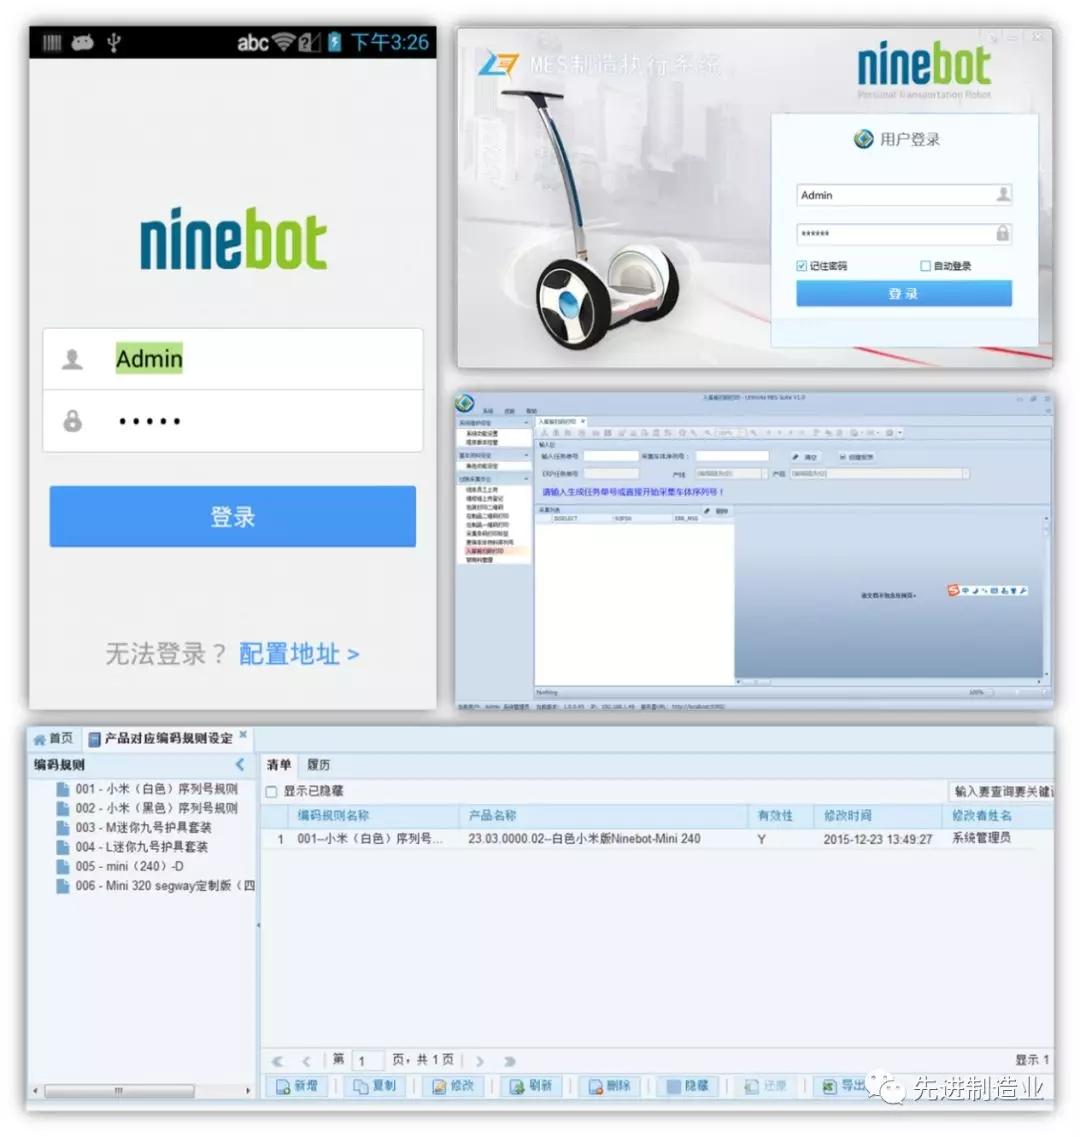 智能工厂管控平台促进纳恩博生产升级与管理创新